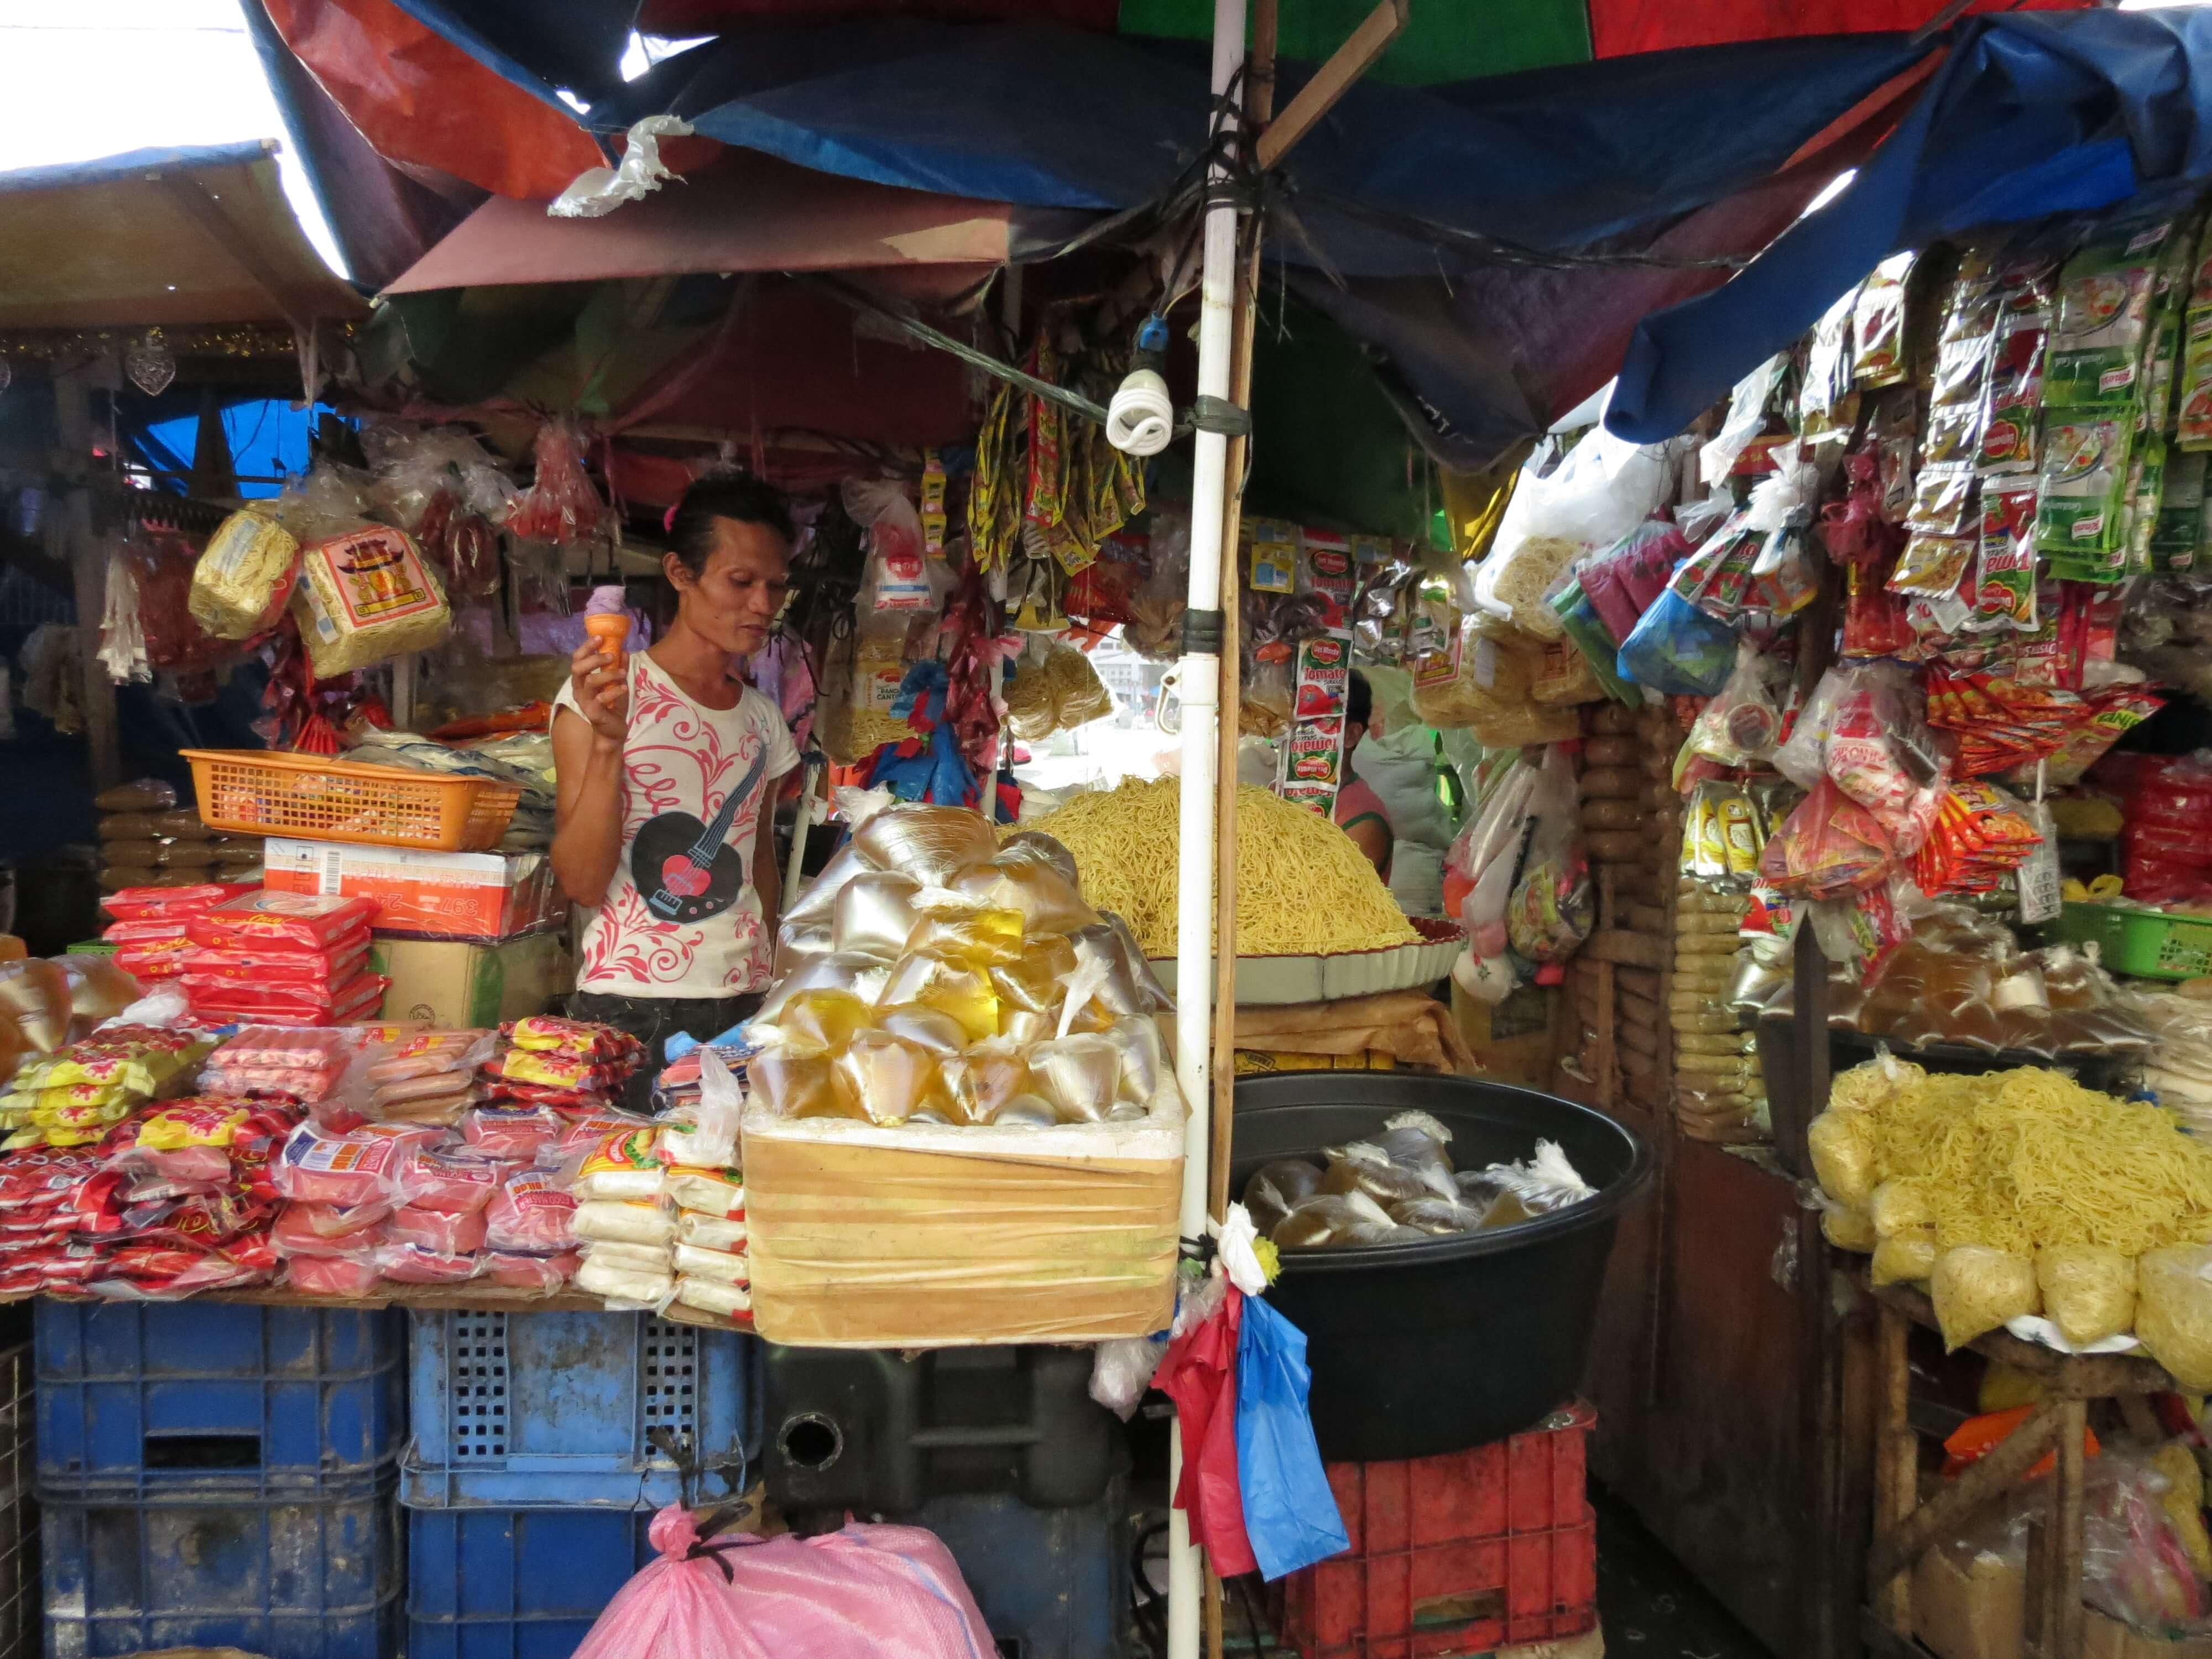 道地的食物,最日常的樣子,都在市場裡。|Local food and necessities could be found in the market